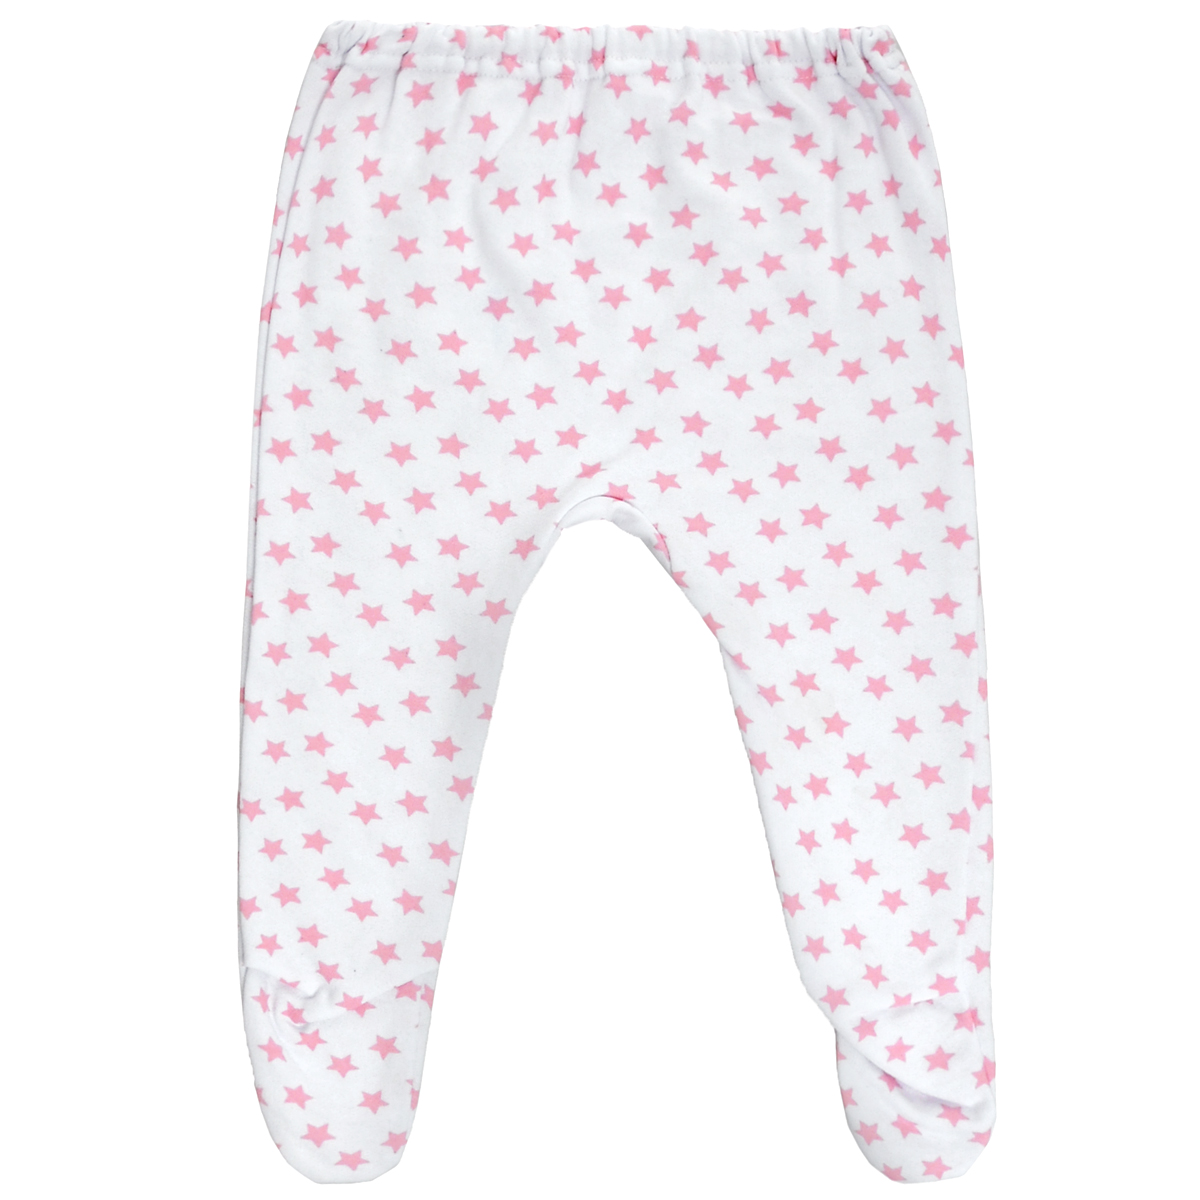 Ползунки Трон-Плюс, цвет: белый, розовый, рисунок звезды. 5256. Размер 62, 3 месяца5256Ползунки для новорожденного Трон-Плюс послужат идеальным дополнением к гардеробу вашего ребенка, обеспечивая ему наибольший комфорт.Модель, изготовленная из футерованного полотна - натурального хлопка, необычайно мягкая и легкая, не раздражает нежную кожу ребенка и хорошо вентилируется, а эластичные швы приятны телу малыша и не препятствуют его движениям. Теплые ползунки с закрытыми ножками благодаря мягкому эластичному поясу не сдавливают животик младенца и не сползают, идеально подходят для ношения с подгузником. Они полностью соответствуют особенностям жизни ребенка в ранний период, не стесняя и не ограничивая его в движениях.